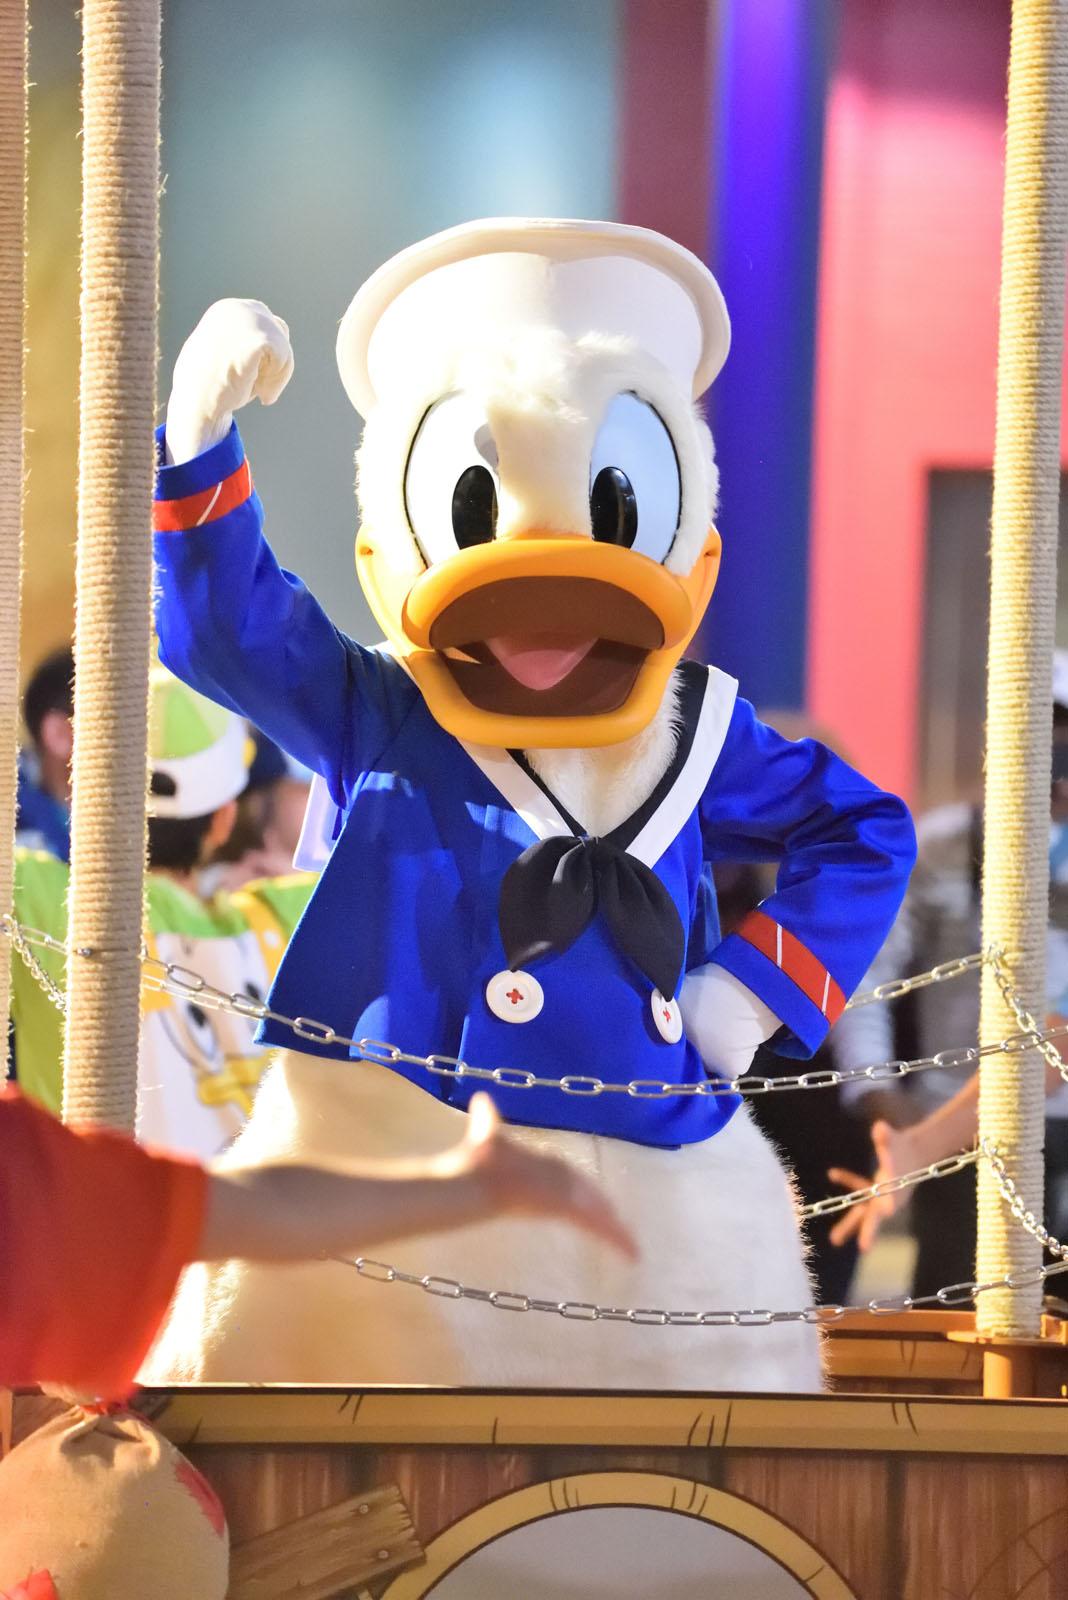 ディズニーランド・パリ ディズニー・ファンデイズ ダンス・ユア・ダックテイルズ・パレード Disneyland Paris Disney FanDaze Dance Your DuckTales Parade